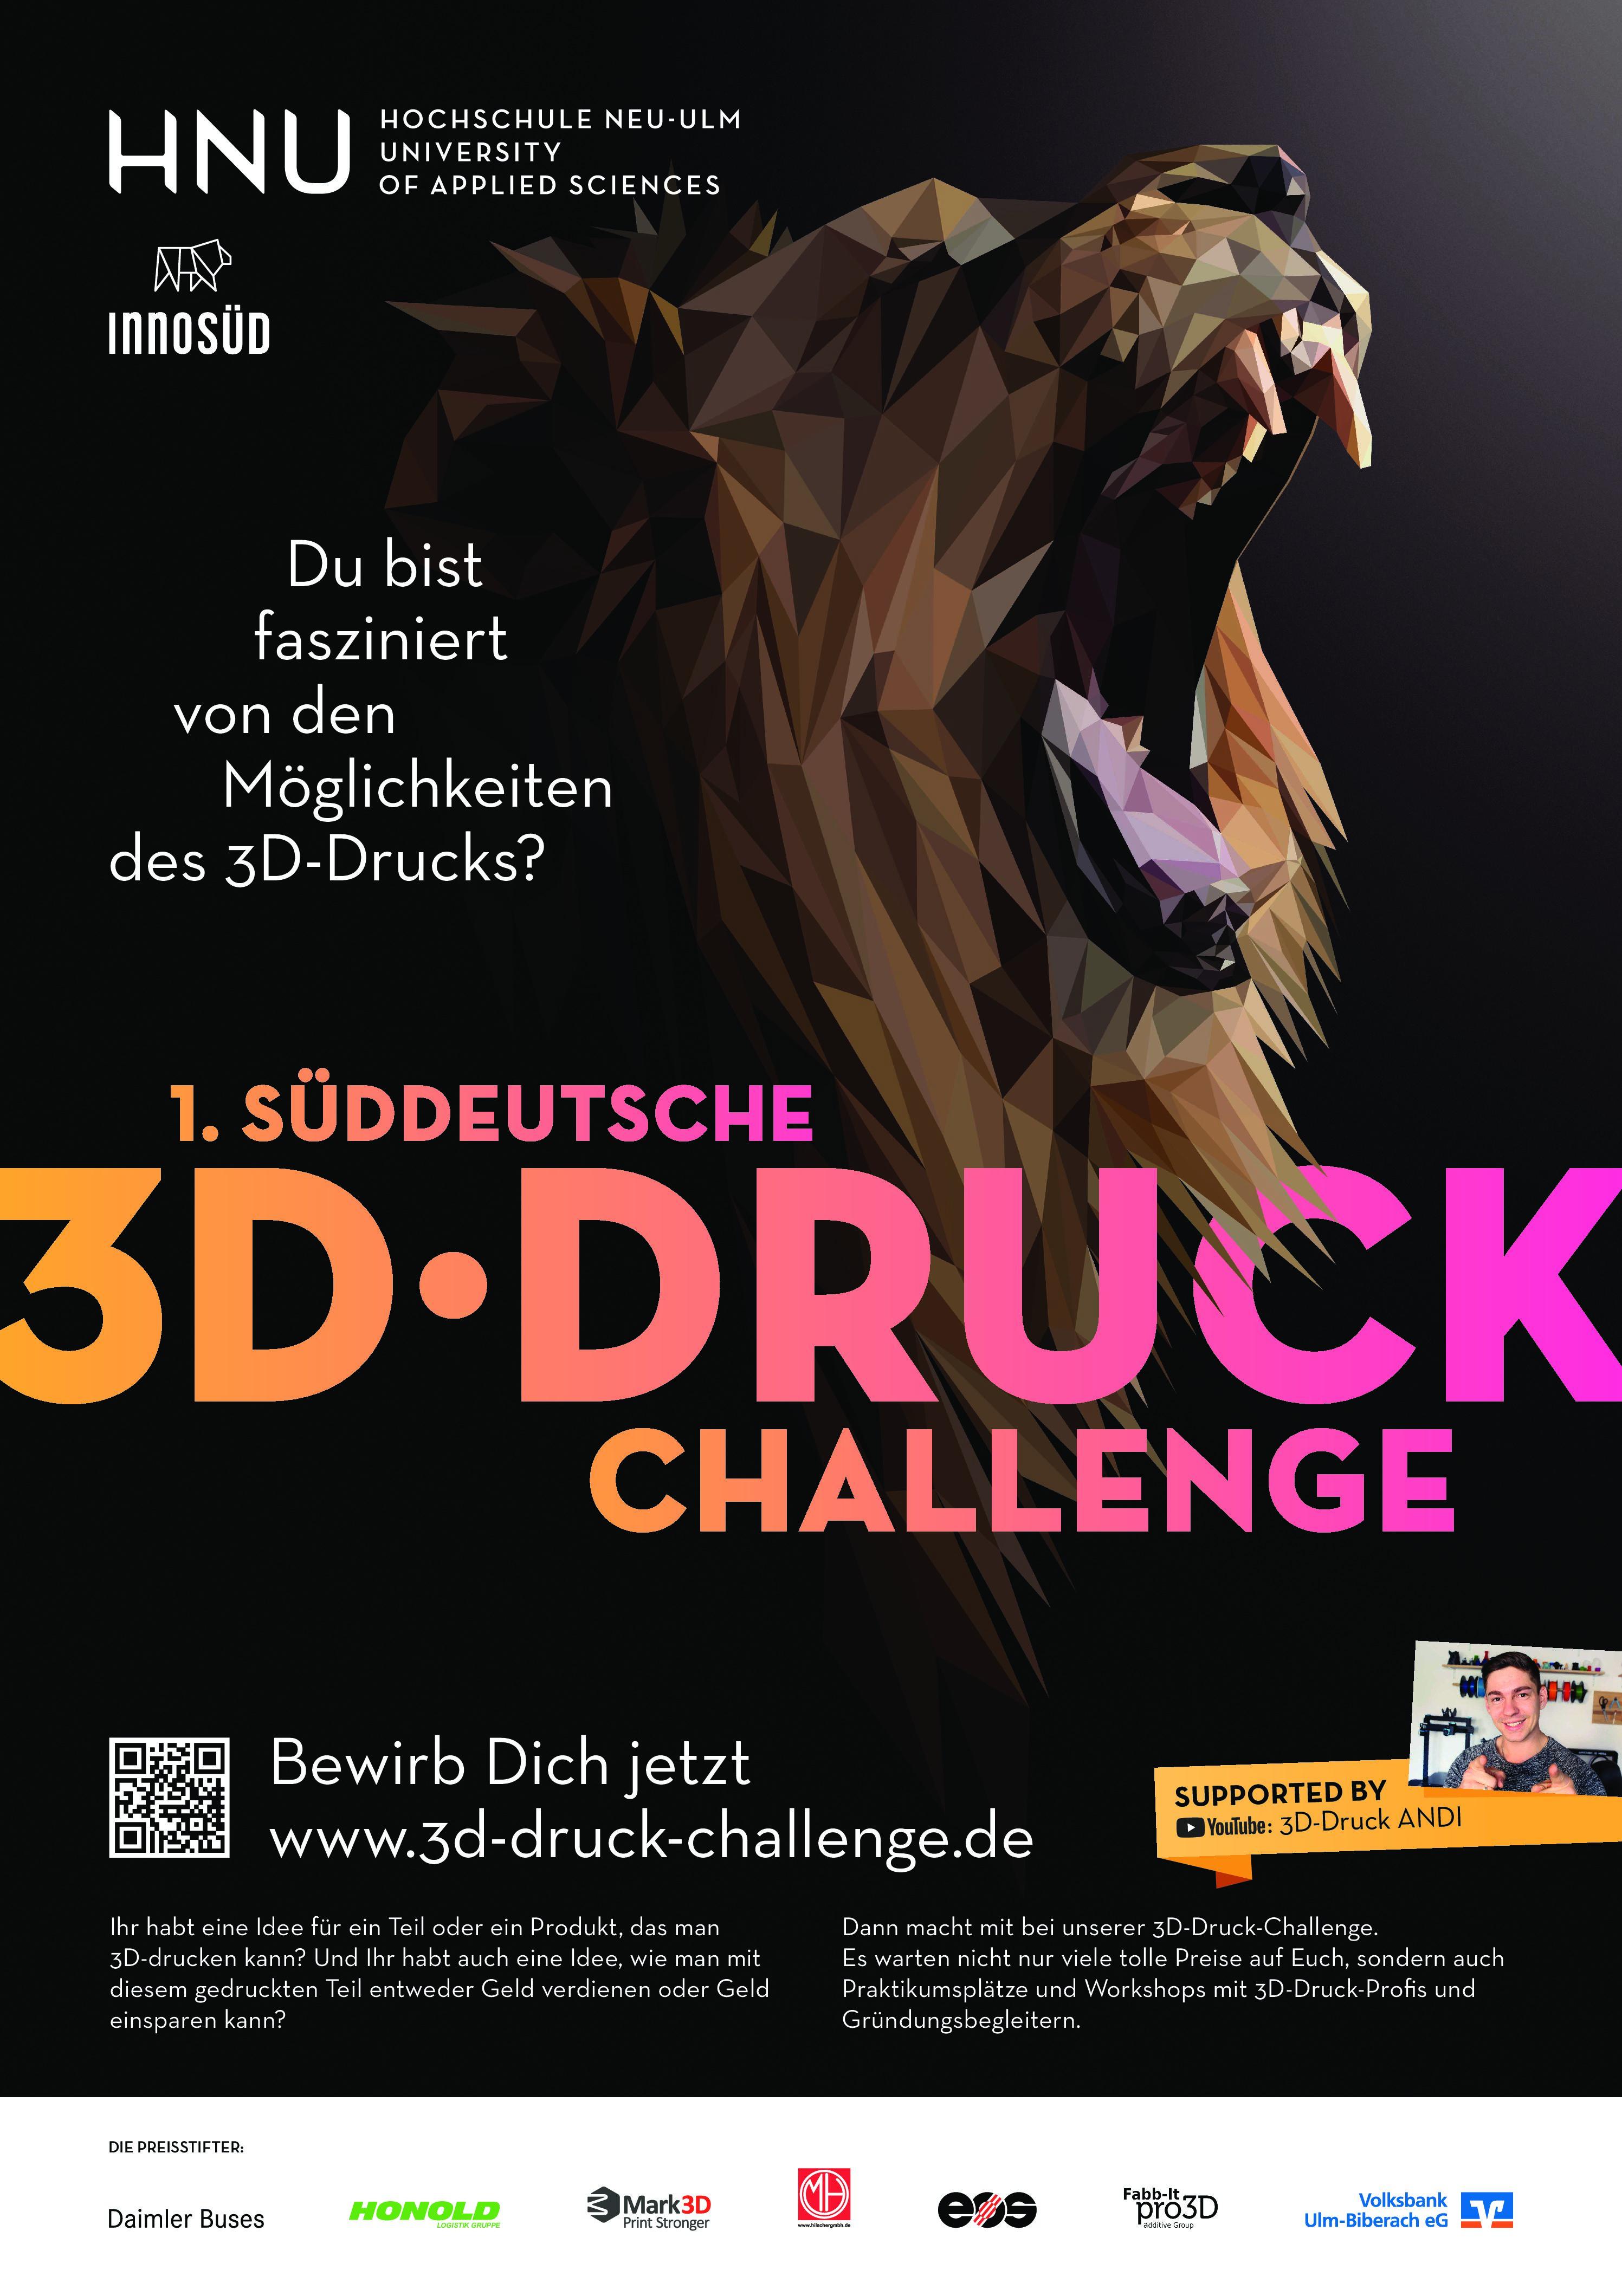 1. Süddeutsche 3D-Druck-Challenge: Kreative Köpfe am 3D-Drucker gesucht